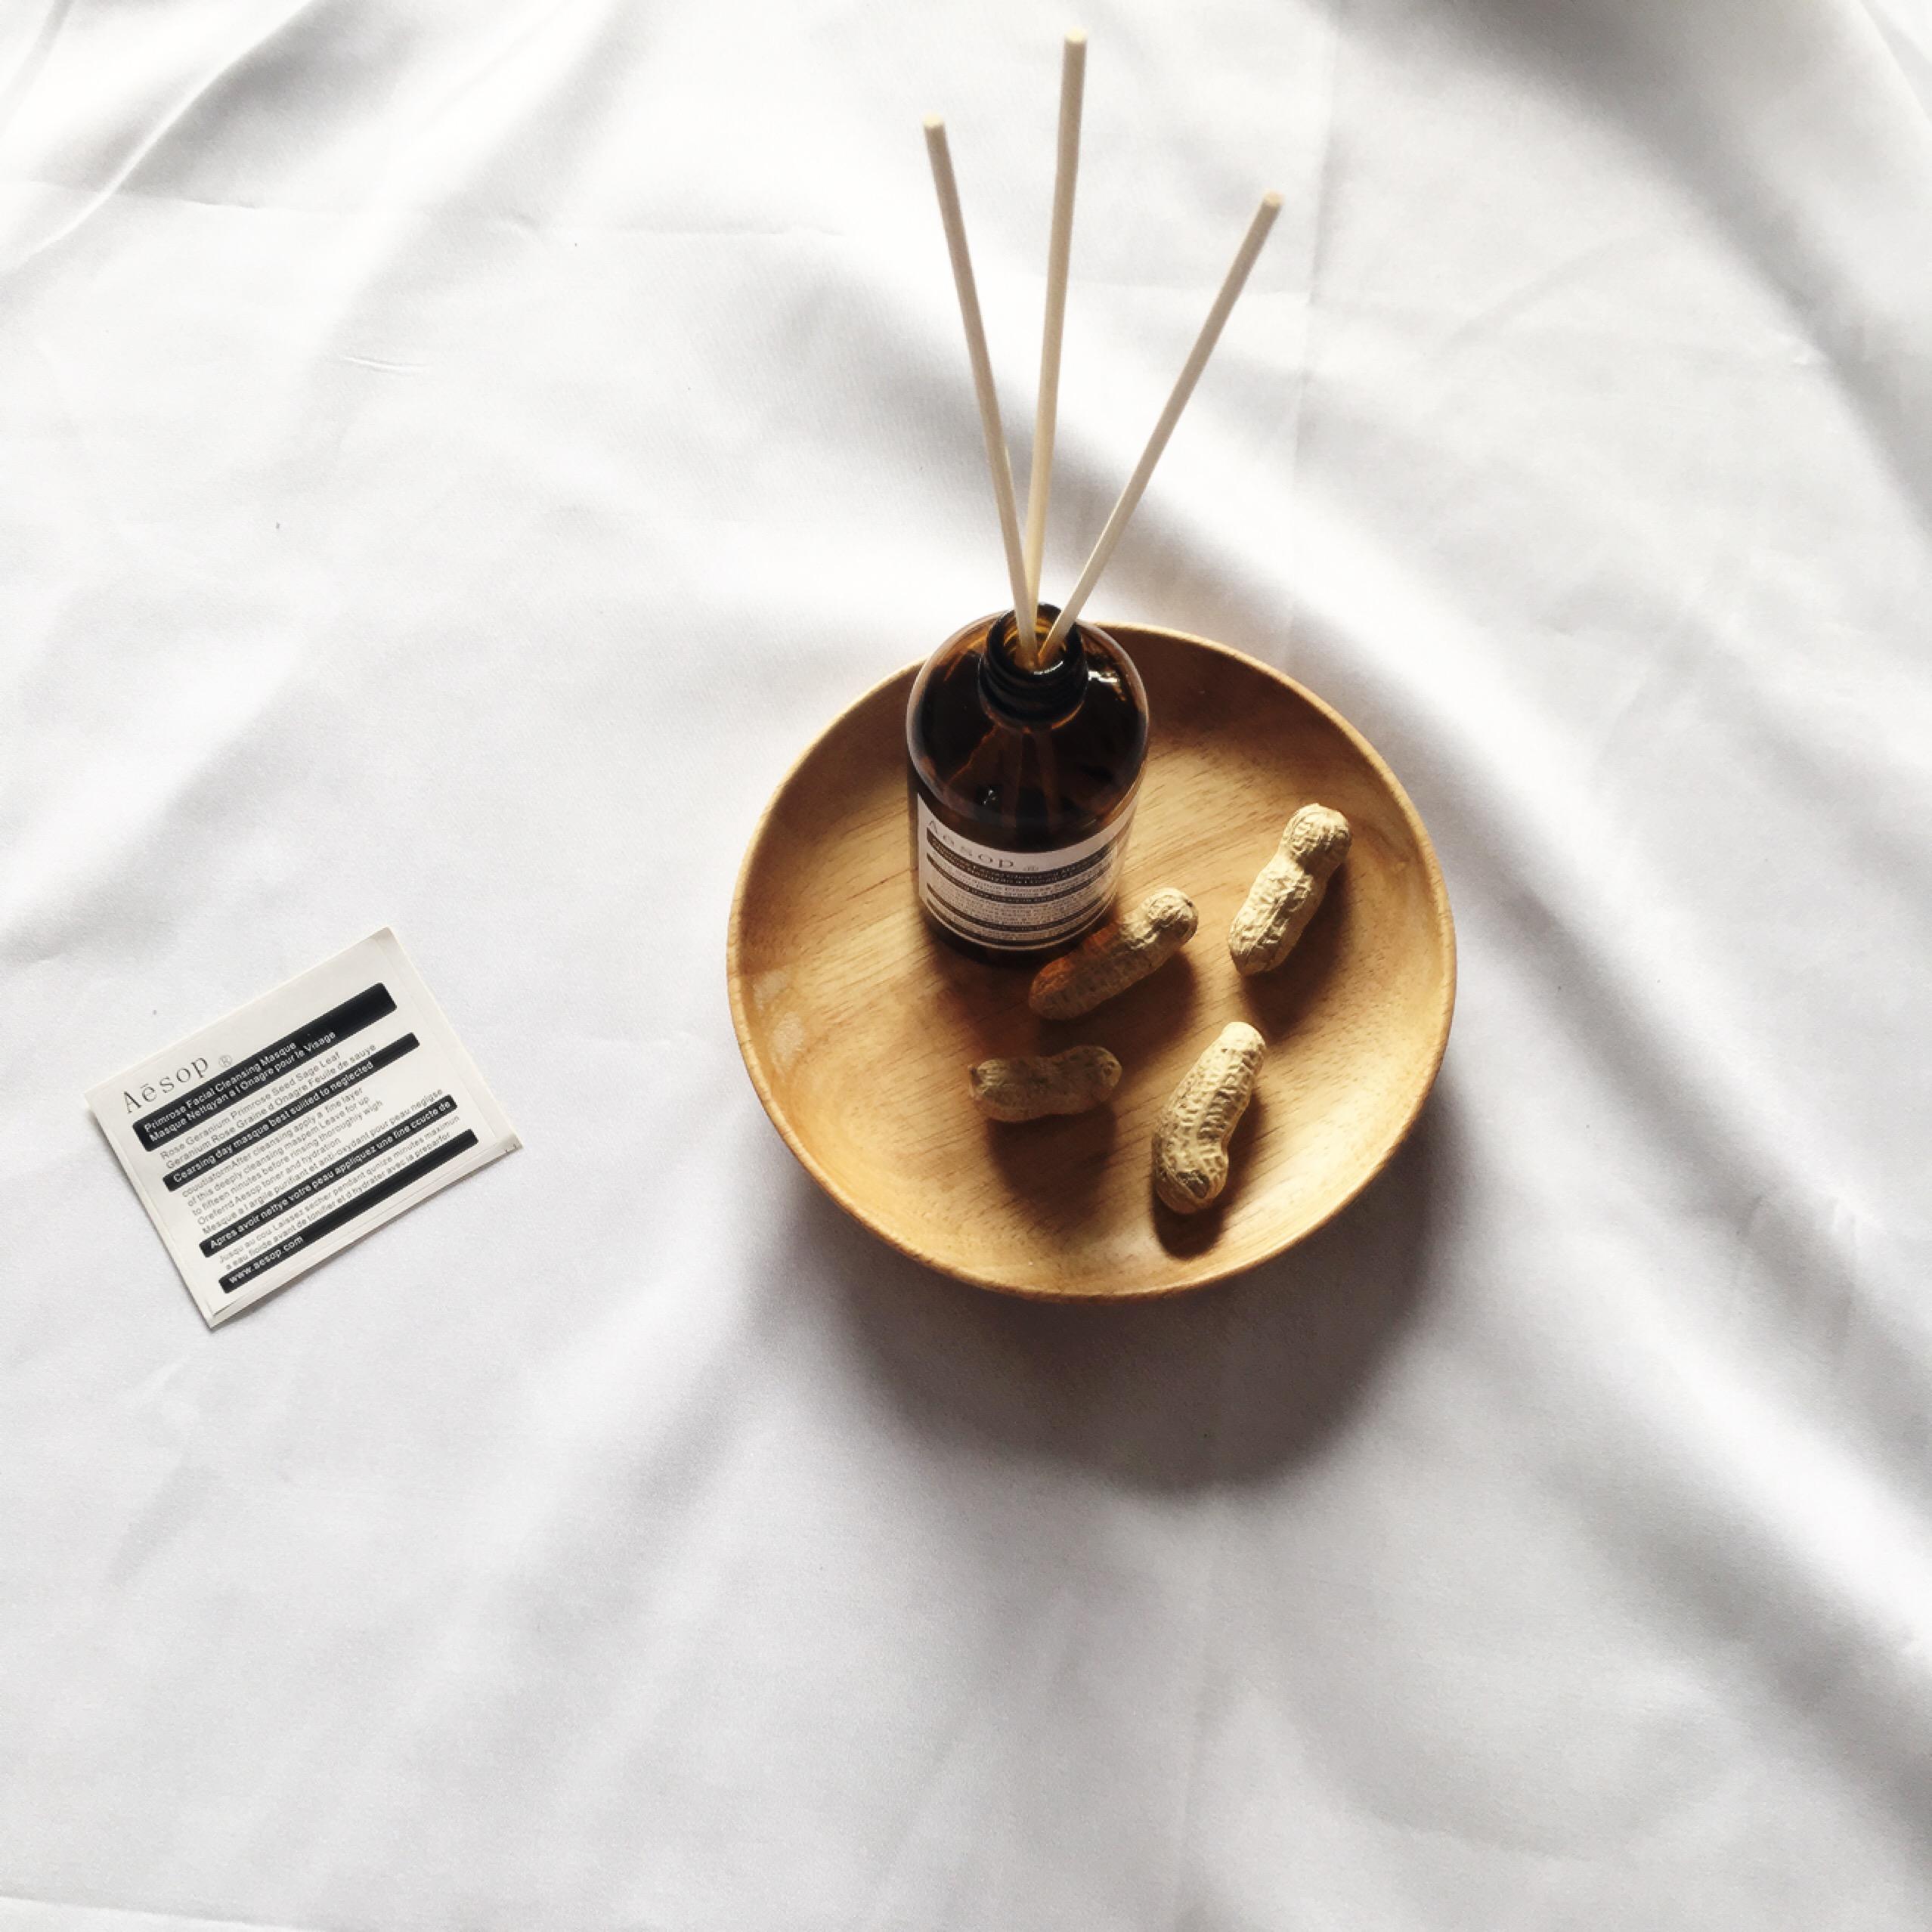 Ins корея в этом же моделье ирак поиск ароматерапия масло ваза 100ml качели бить фон реквизит